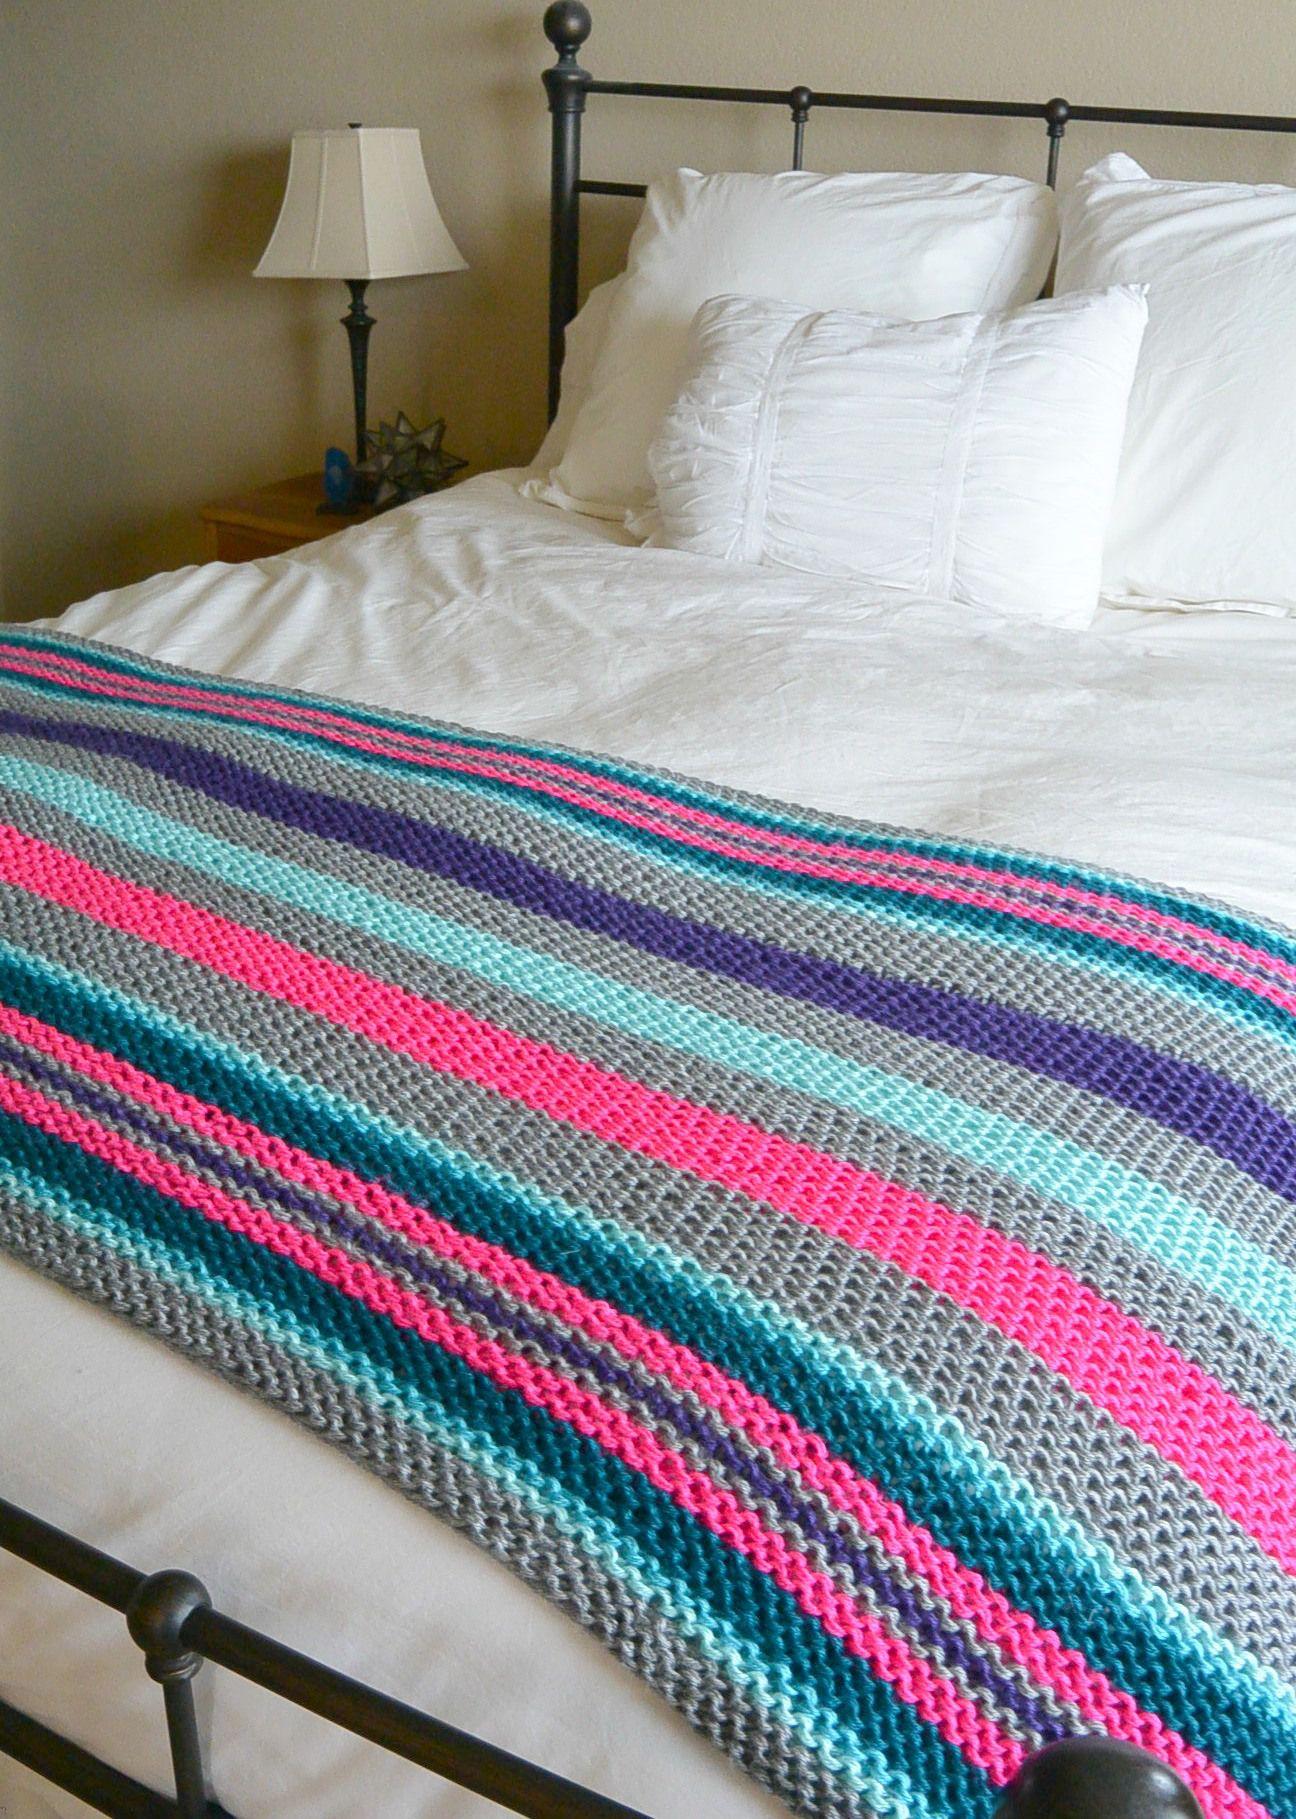 Easy Striped Knit Blanket | Knitting | Pinterest | Blanket, Easy and ...